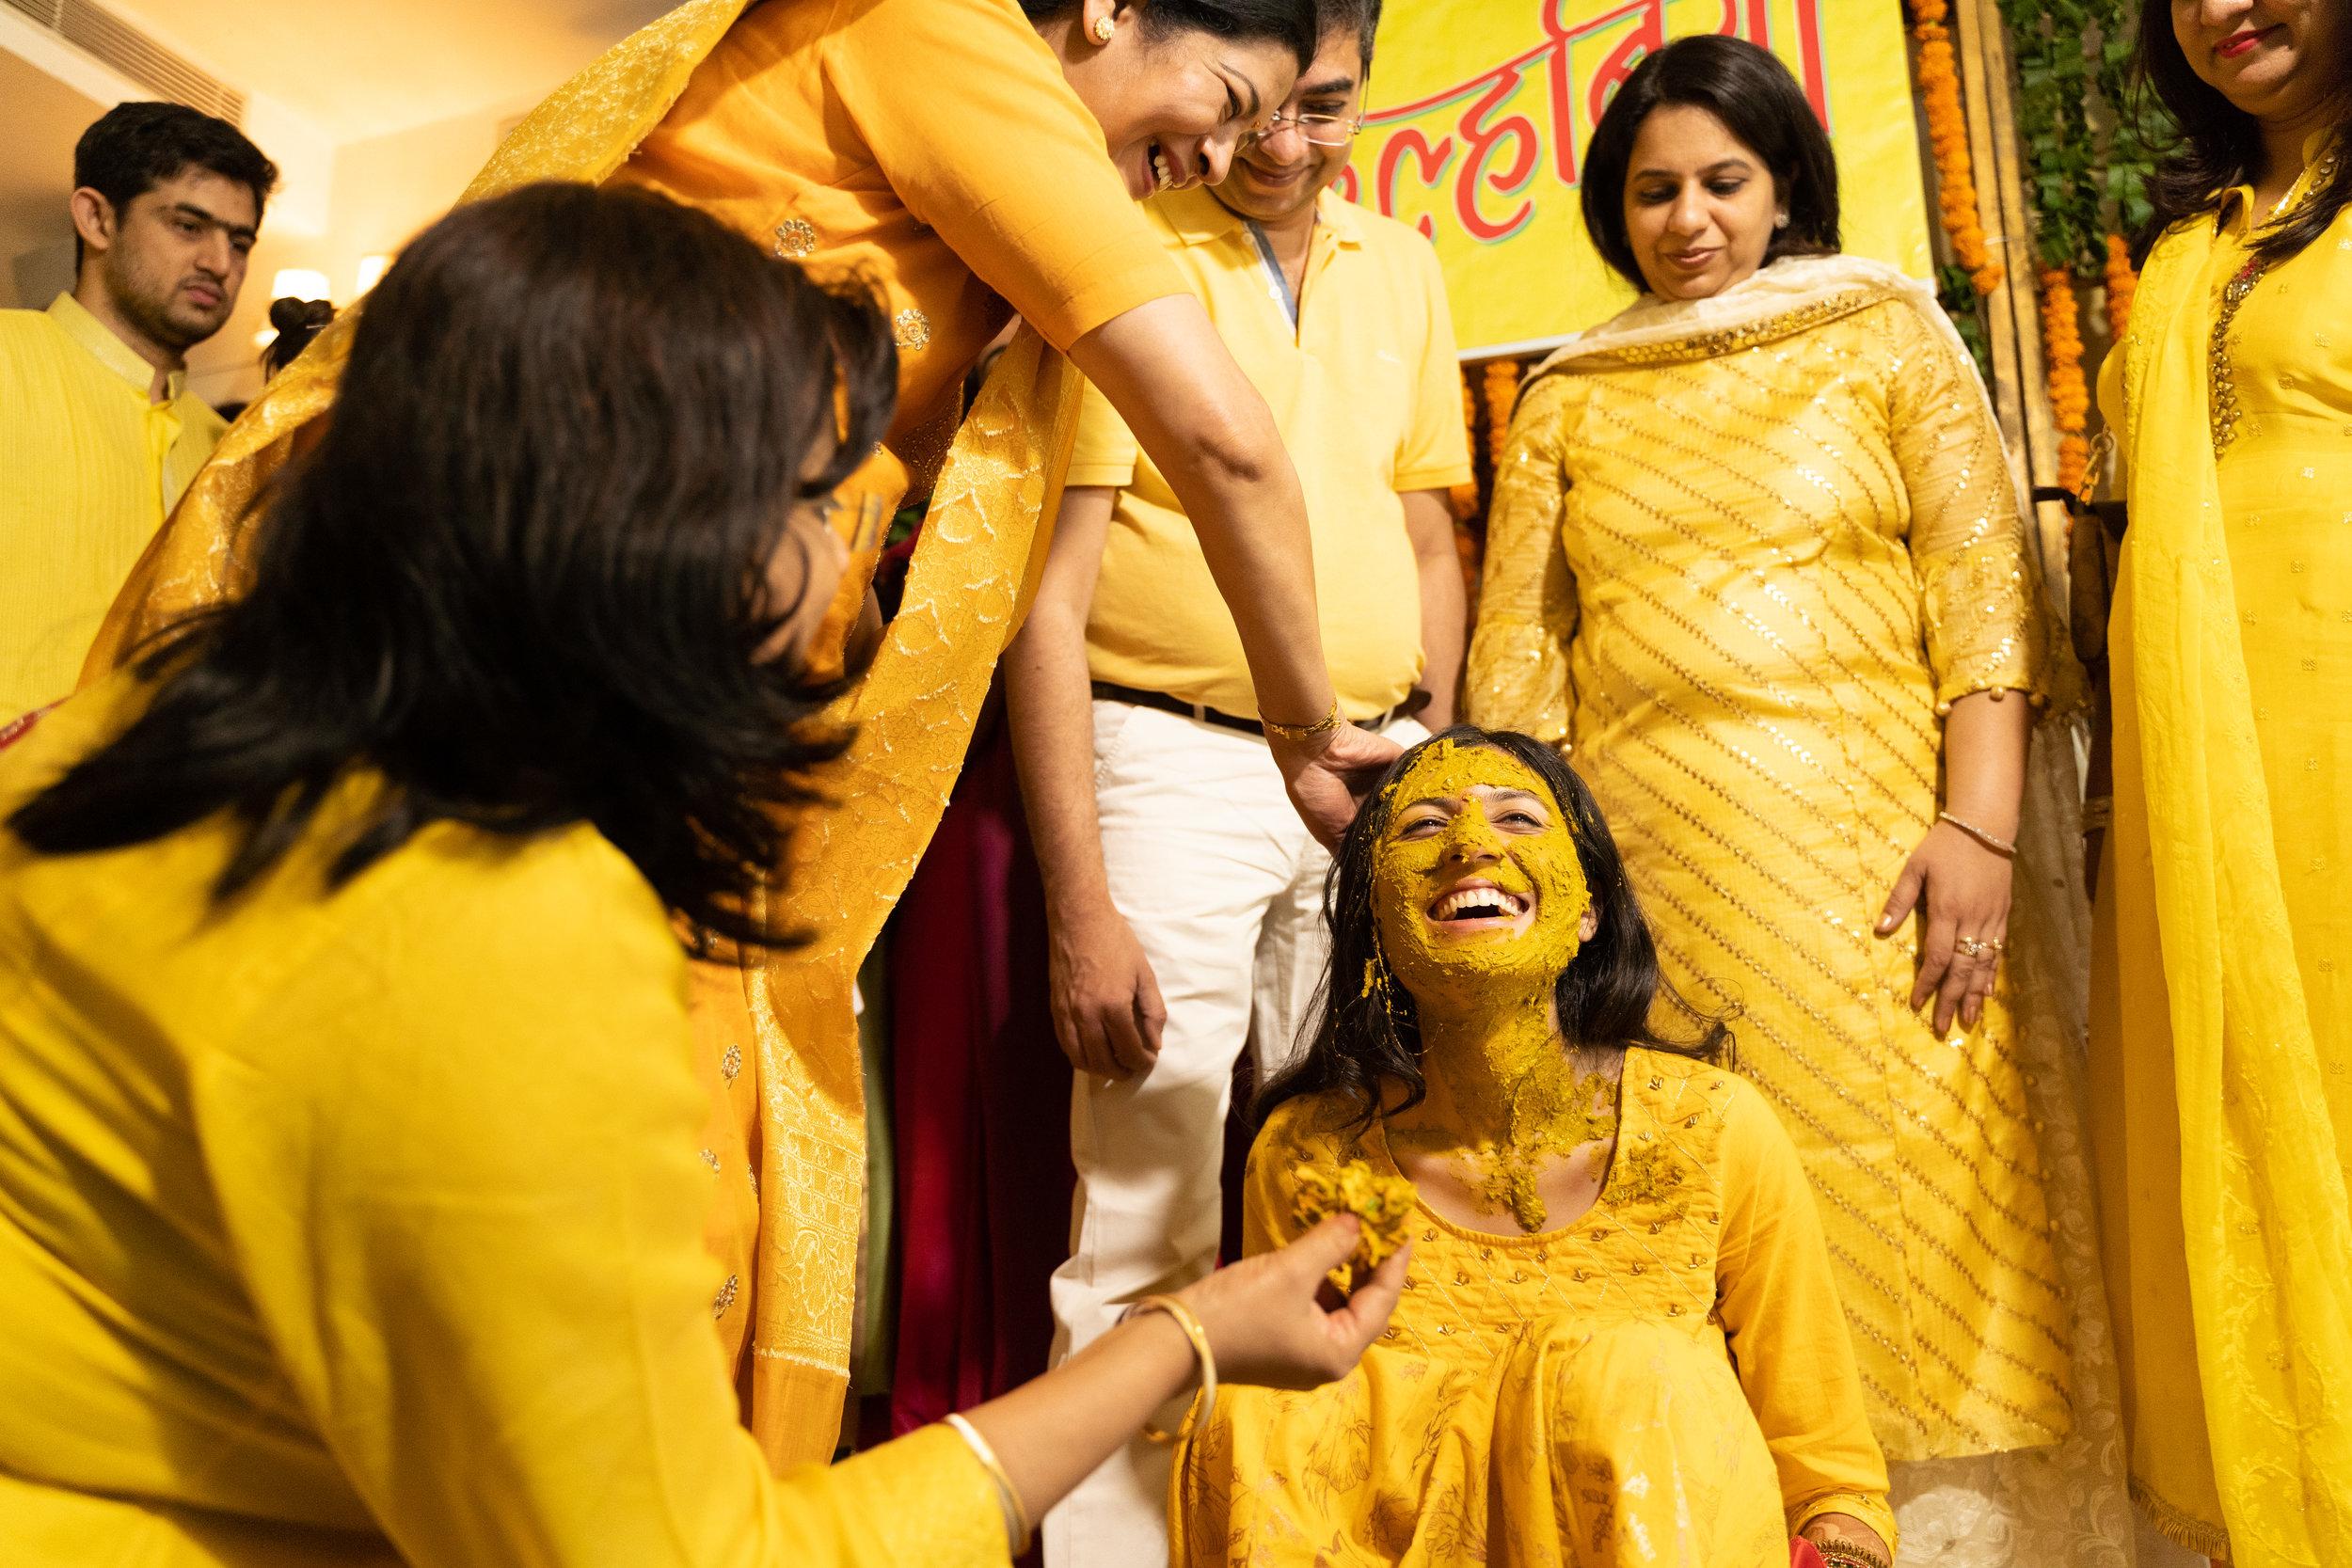 Apeksha's crazy Maiya ceremony in New Delhi